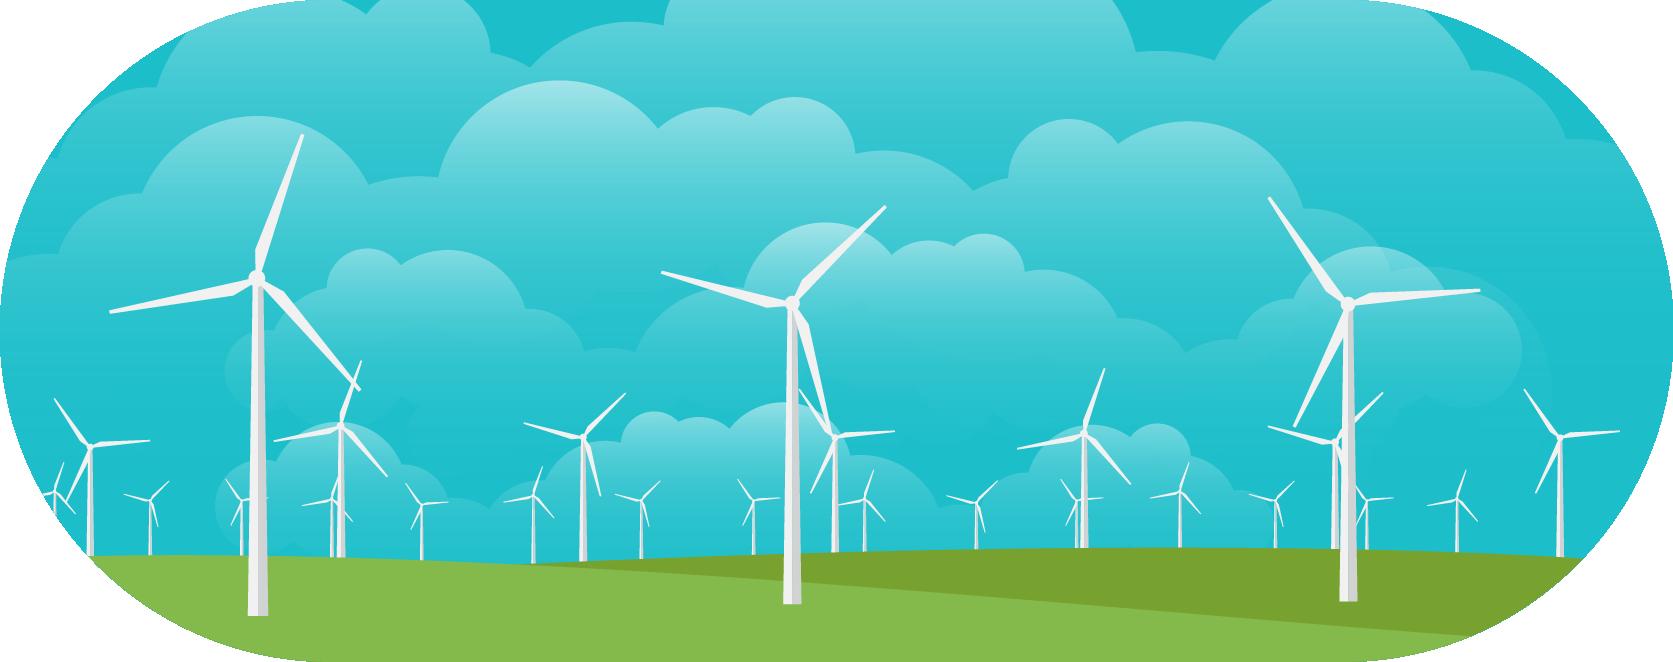 Прибыль пионеров возобновляемой энергии почти вдвое превысила доходы сектора ископаемого топлива